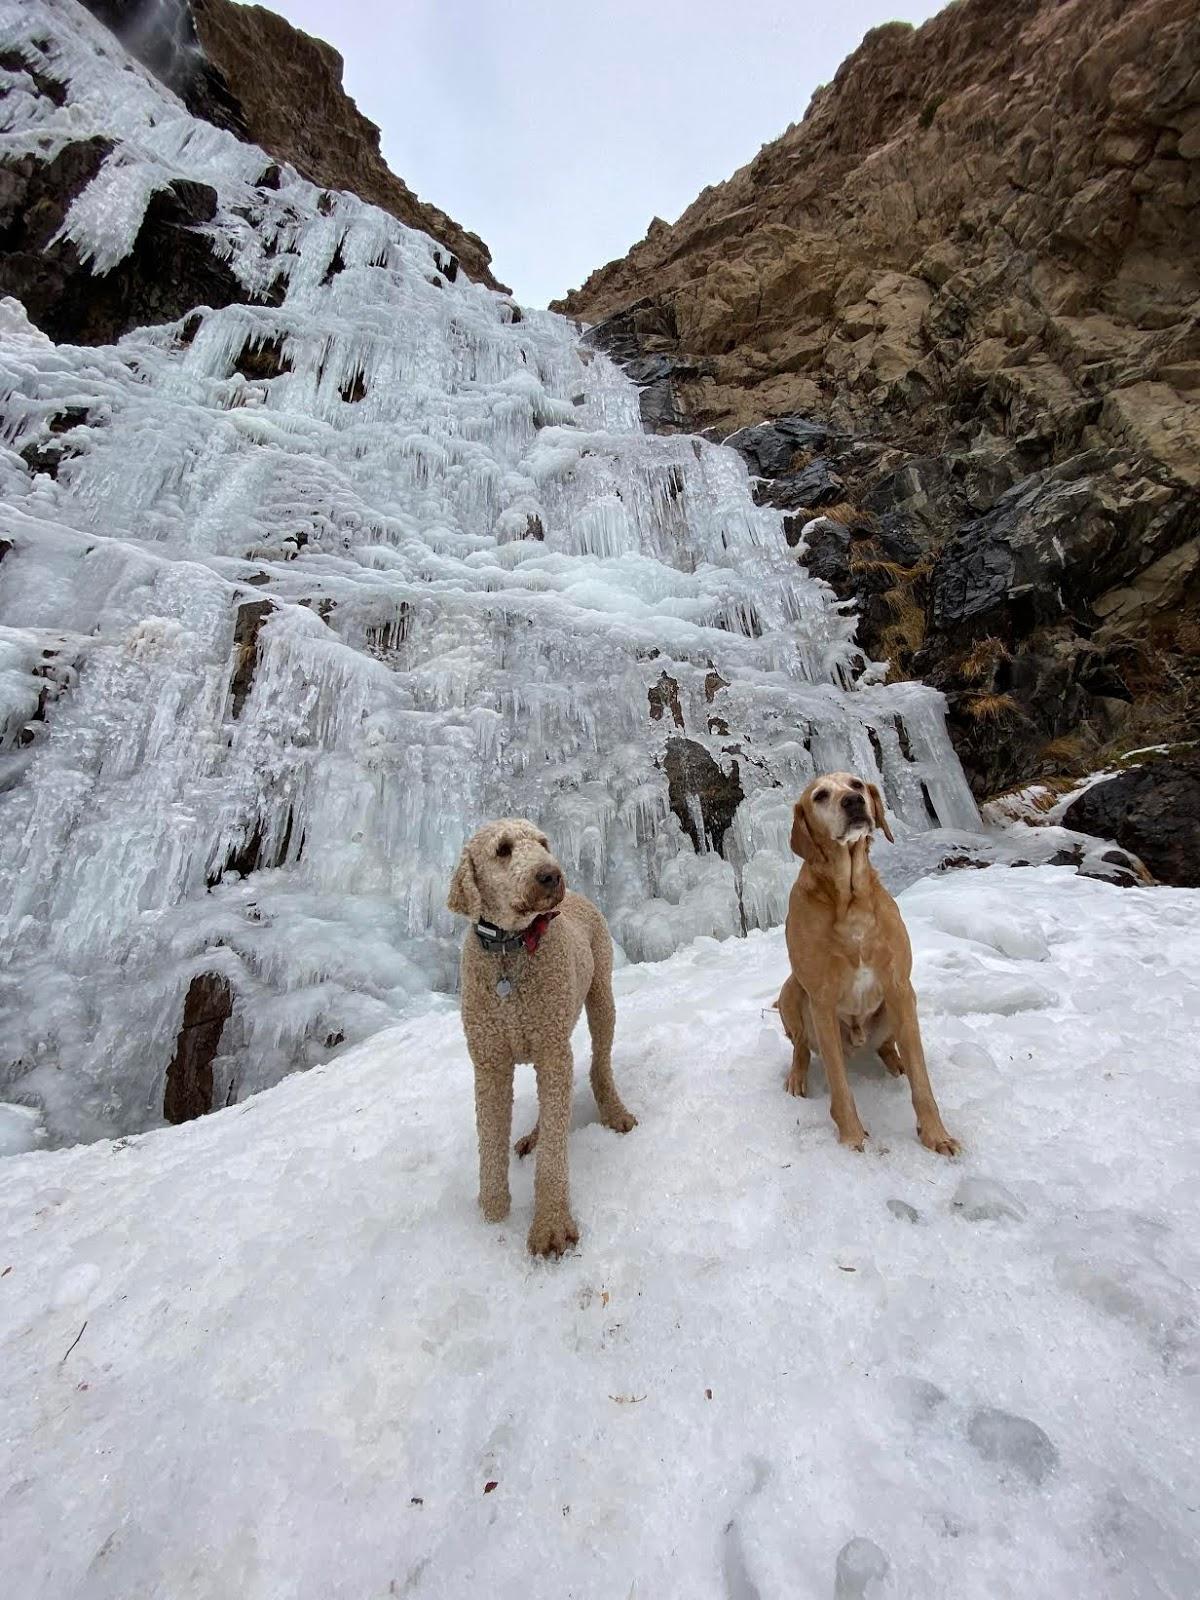 Hiking Waterfall Canyon in Ogden, Utah, Hiking in Utah with Dogs, Frozen Waterfalls in Utah, Ogden BST Christmas Tree